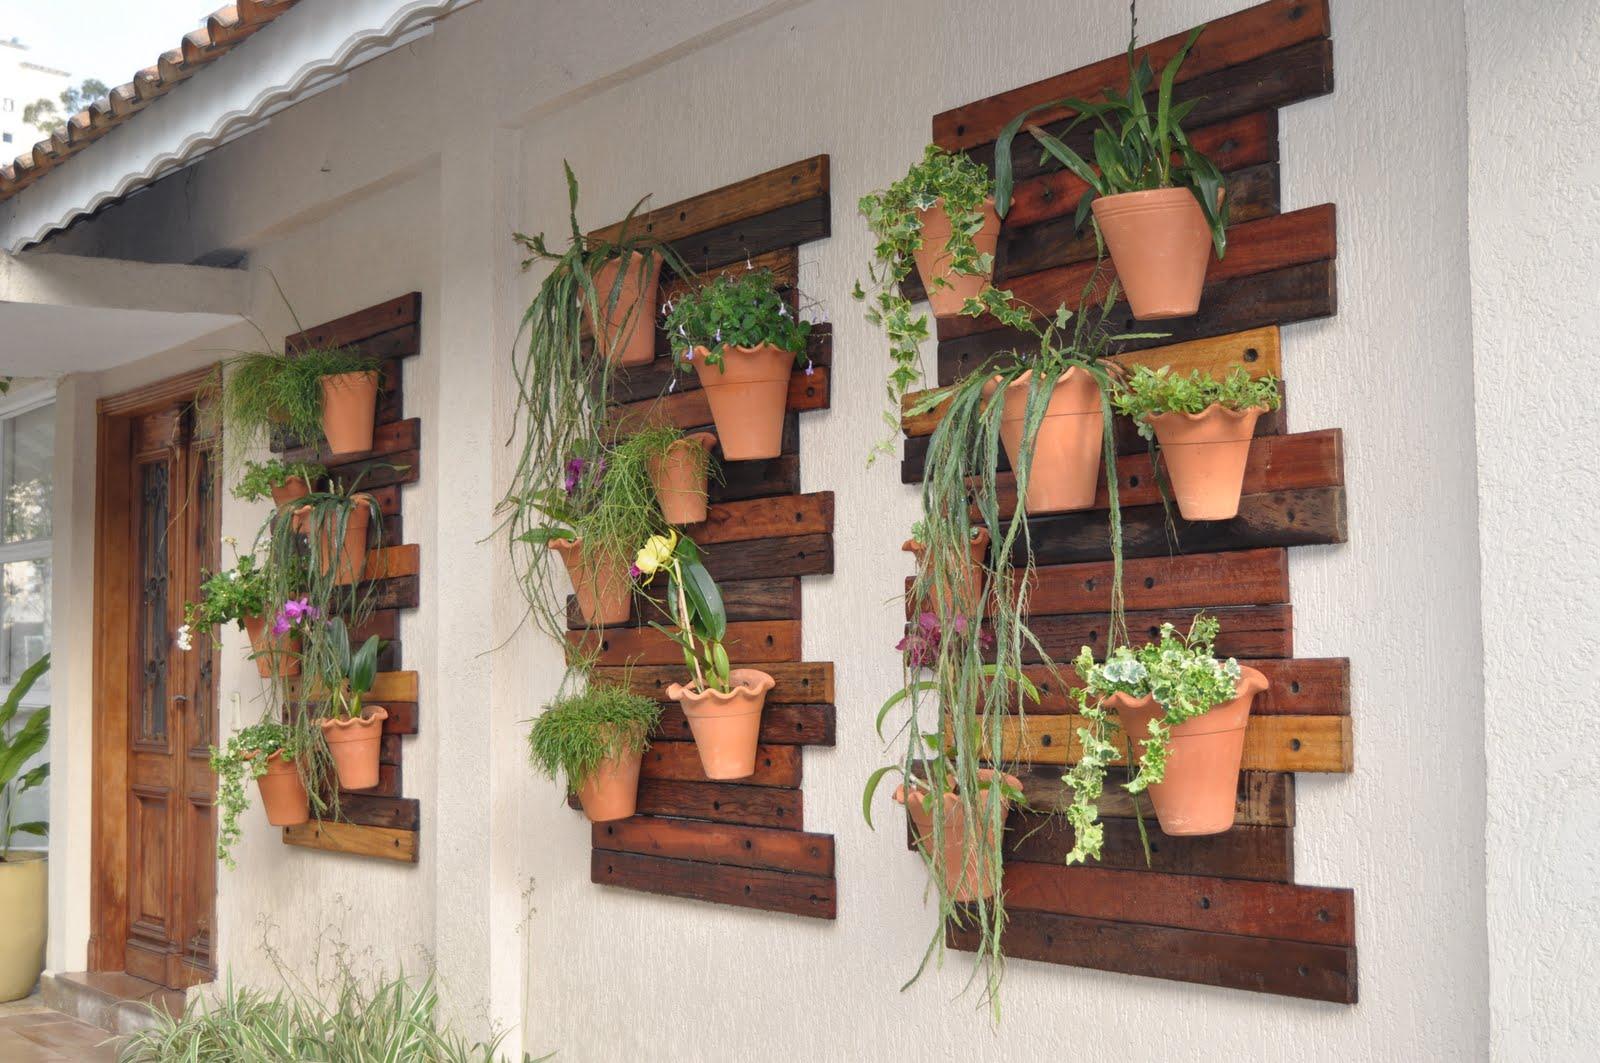 de seguida vários exemplos e ideias de como fazer um jardim vertical